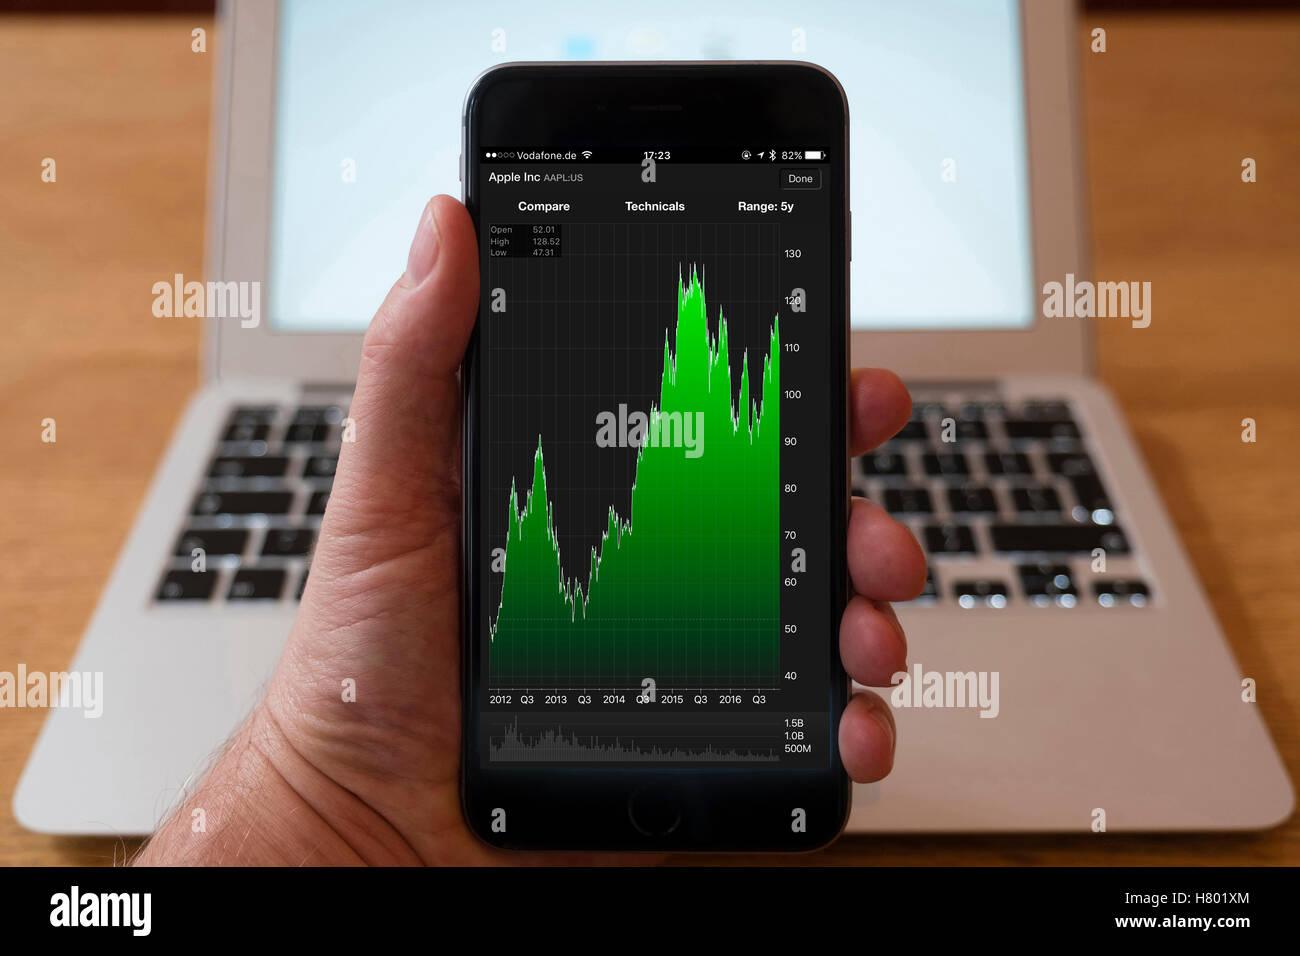 30dfbc963d Utilizzo di iPhone smartphone per visualizzare il mercato azionario grafico  delle prestazioni per Apple Inc company